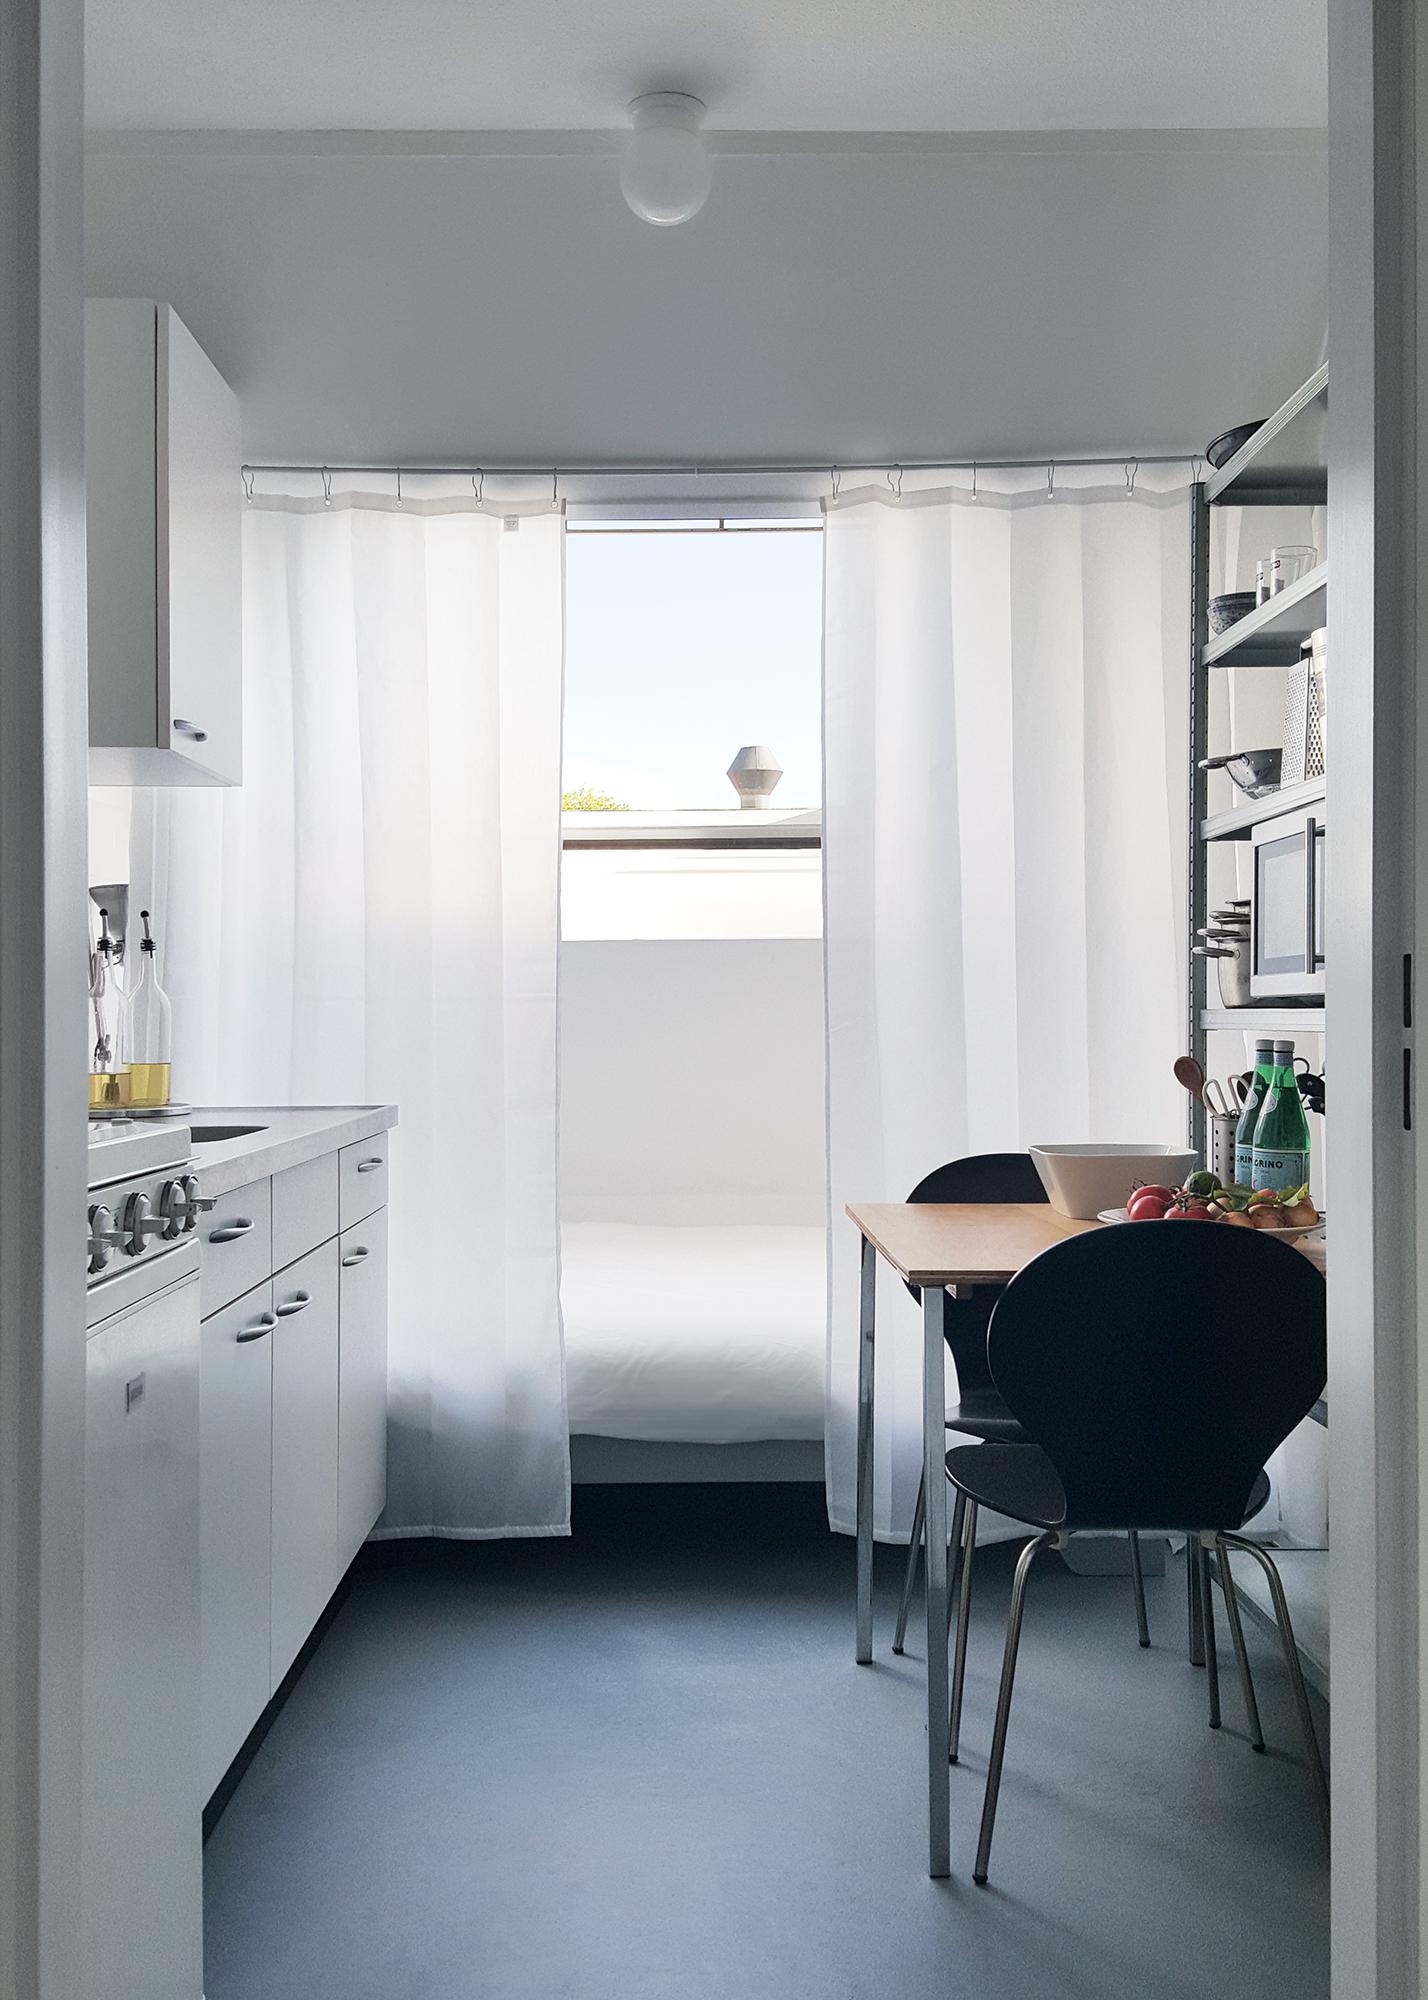 House Tour: A Modern, Minimal Amsterdam Studio | Apartment ...